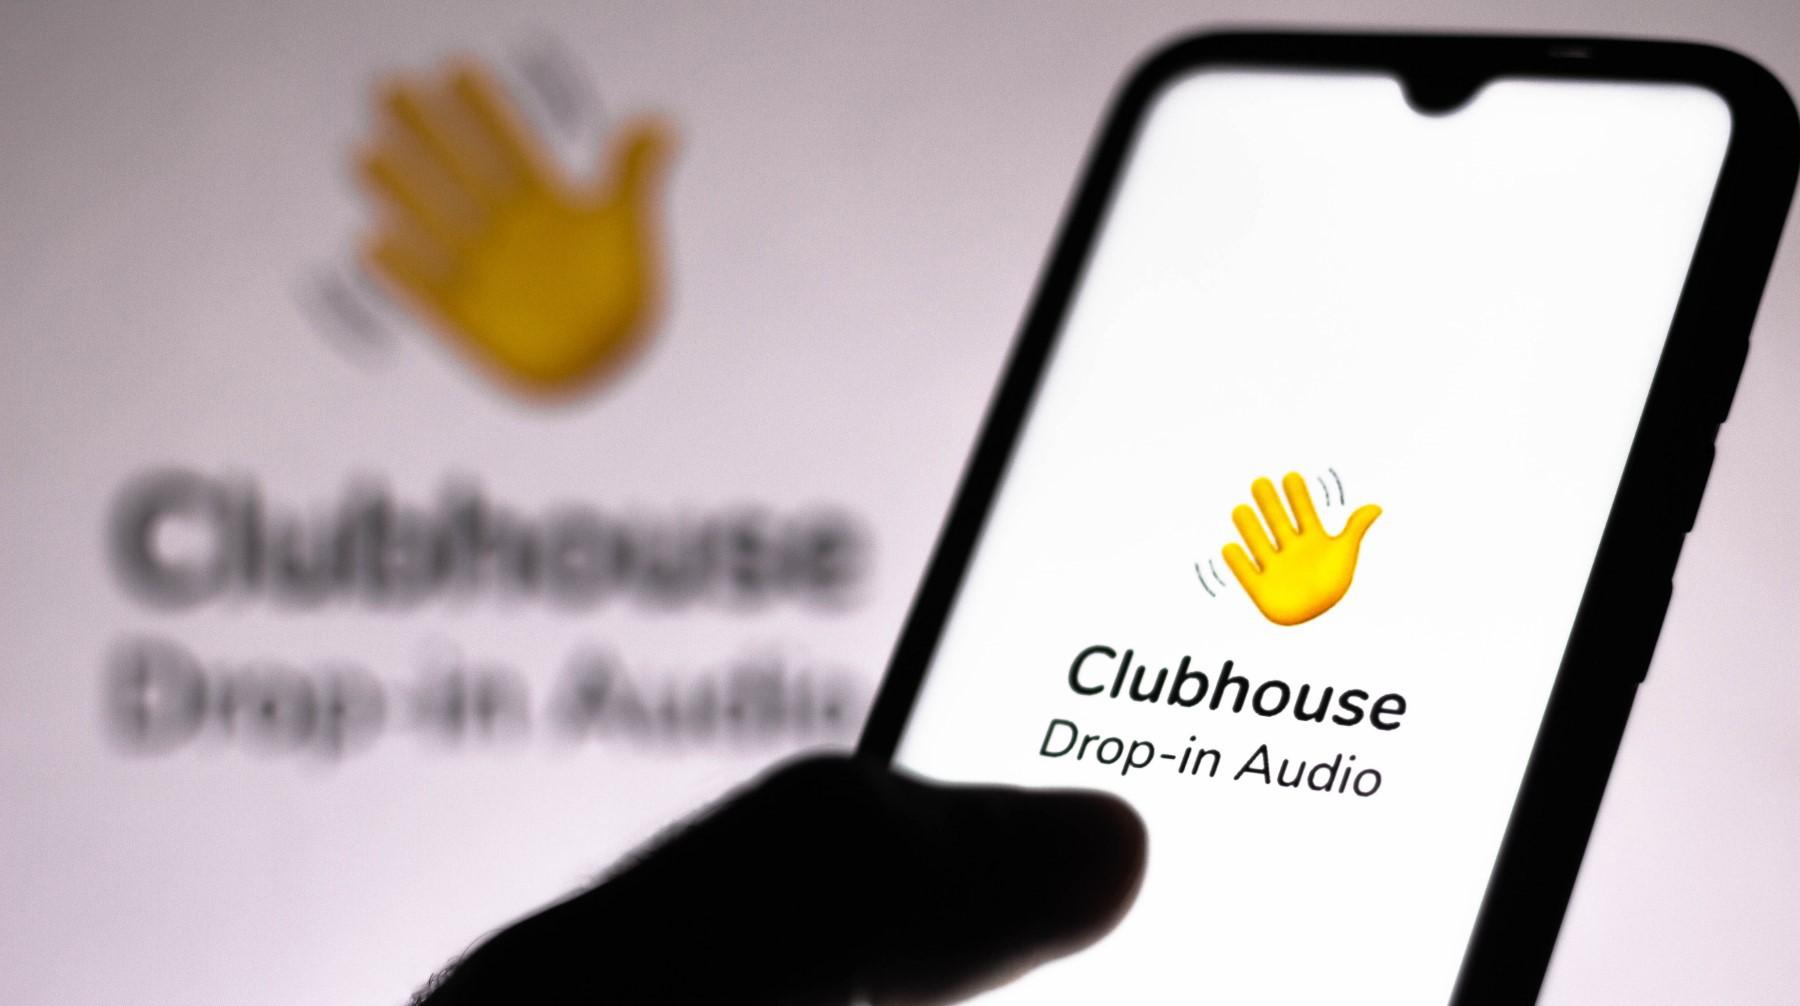 Клабхаус – новая площадка для виртуального общения, набирающая популярность